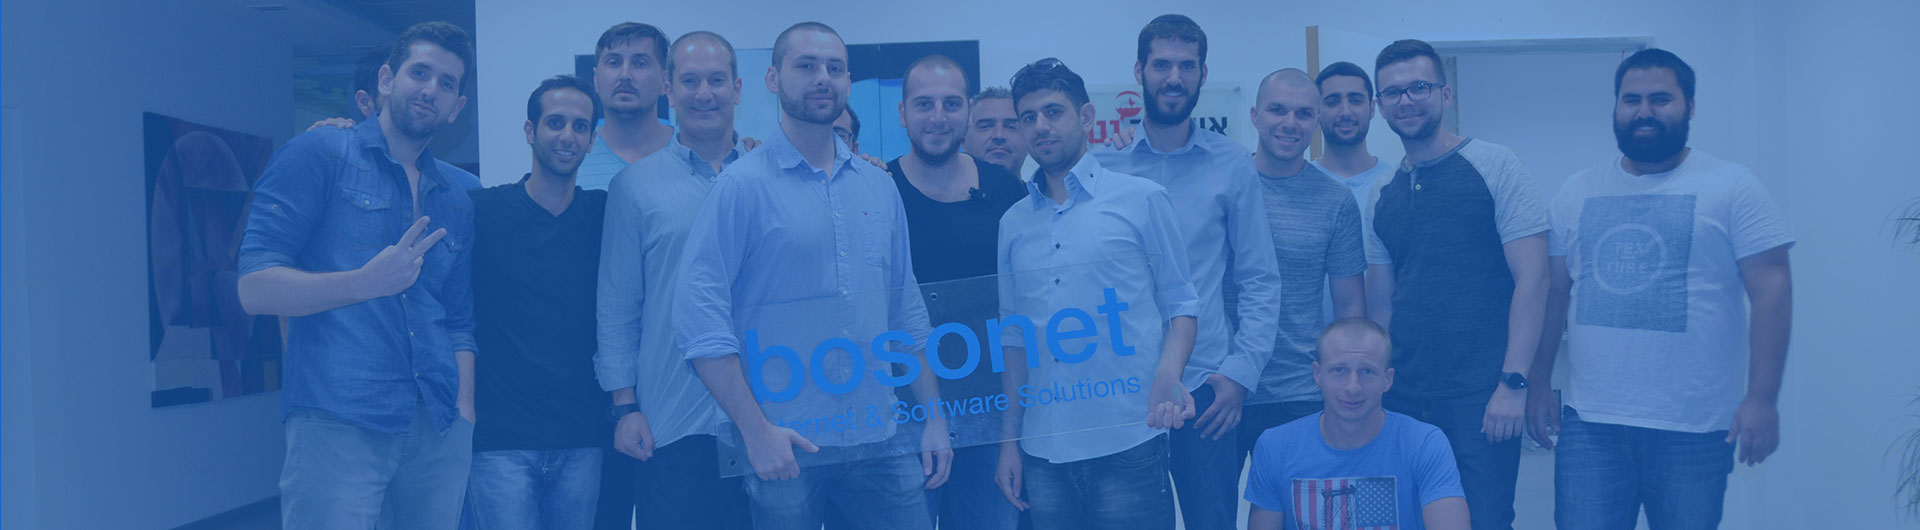 bosonet פתרונות תוכנה מתקדמים